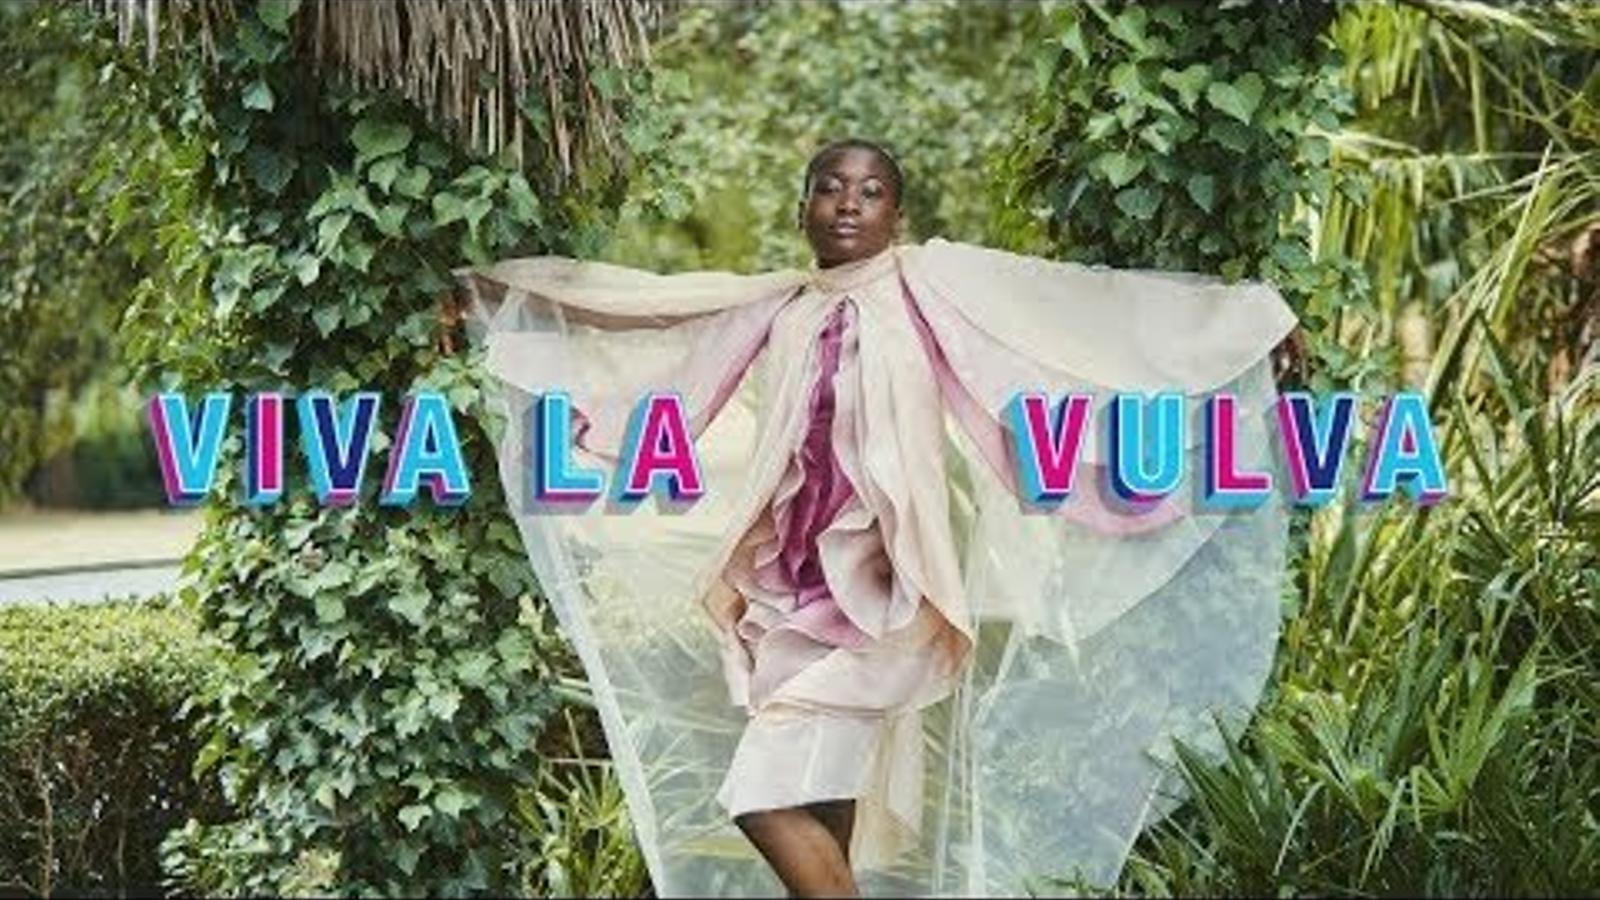 'Viva la vulva'